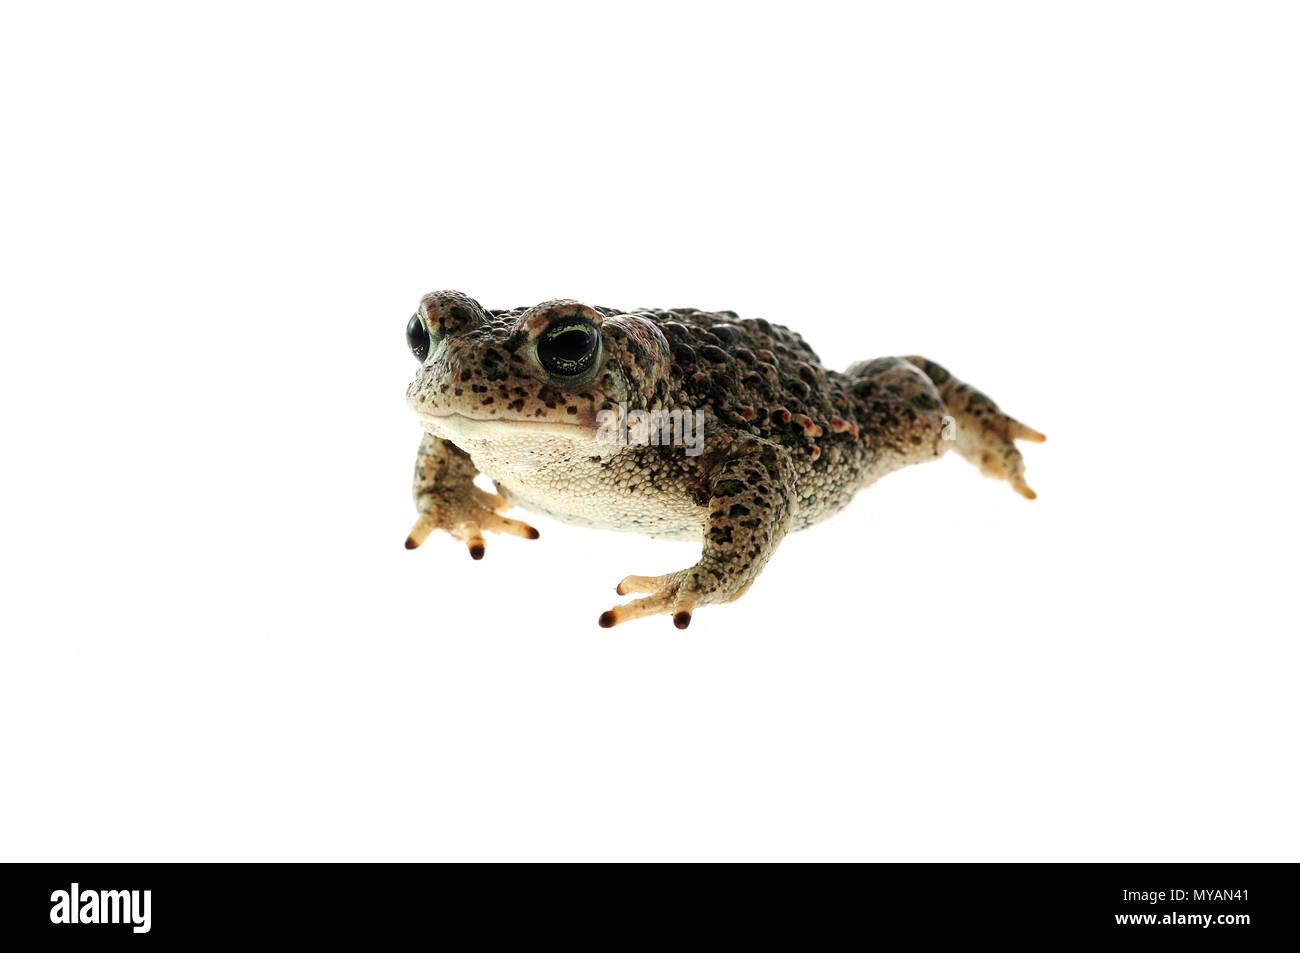 Natterjack toad (Epidalea calamita) with White background - Stock Image